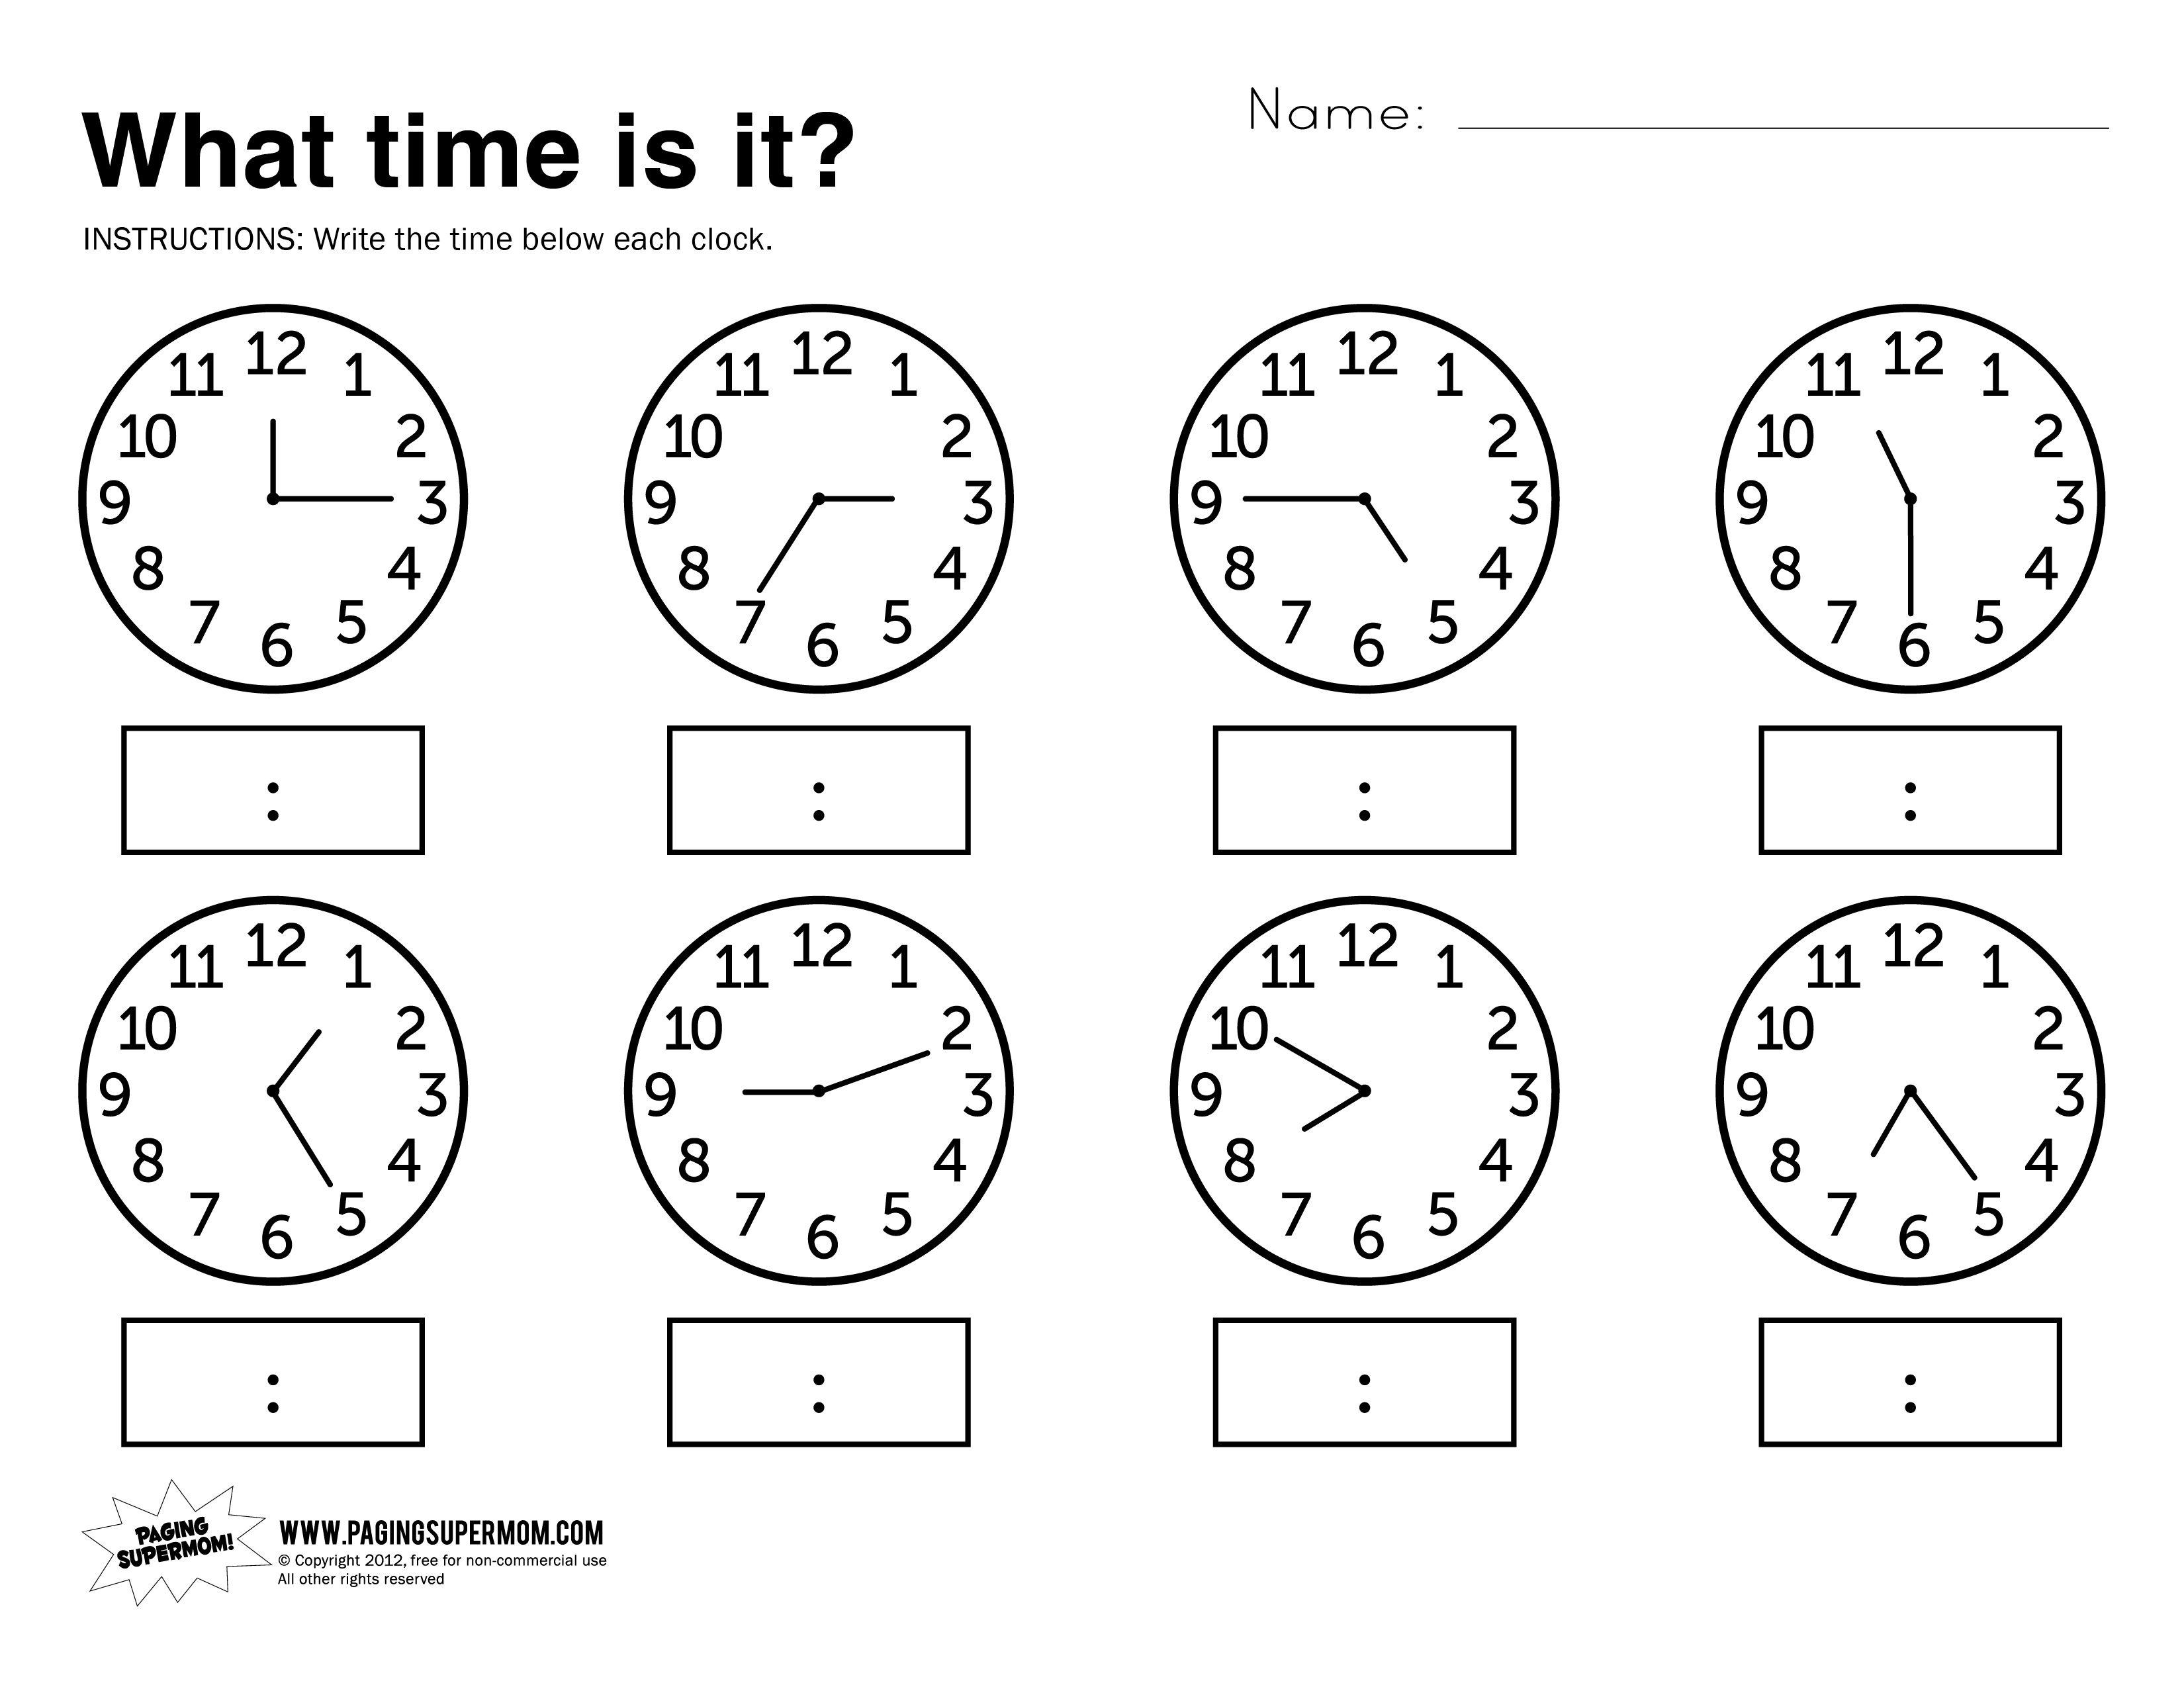 What Time Is It Printable Worksheet | Kolbie | Kindergarten - Free Printable Telling Time Worksheets